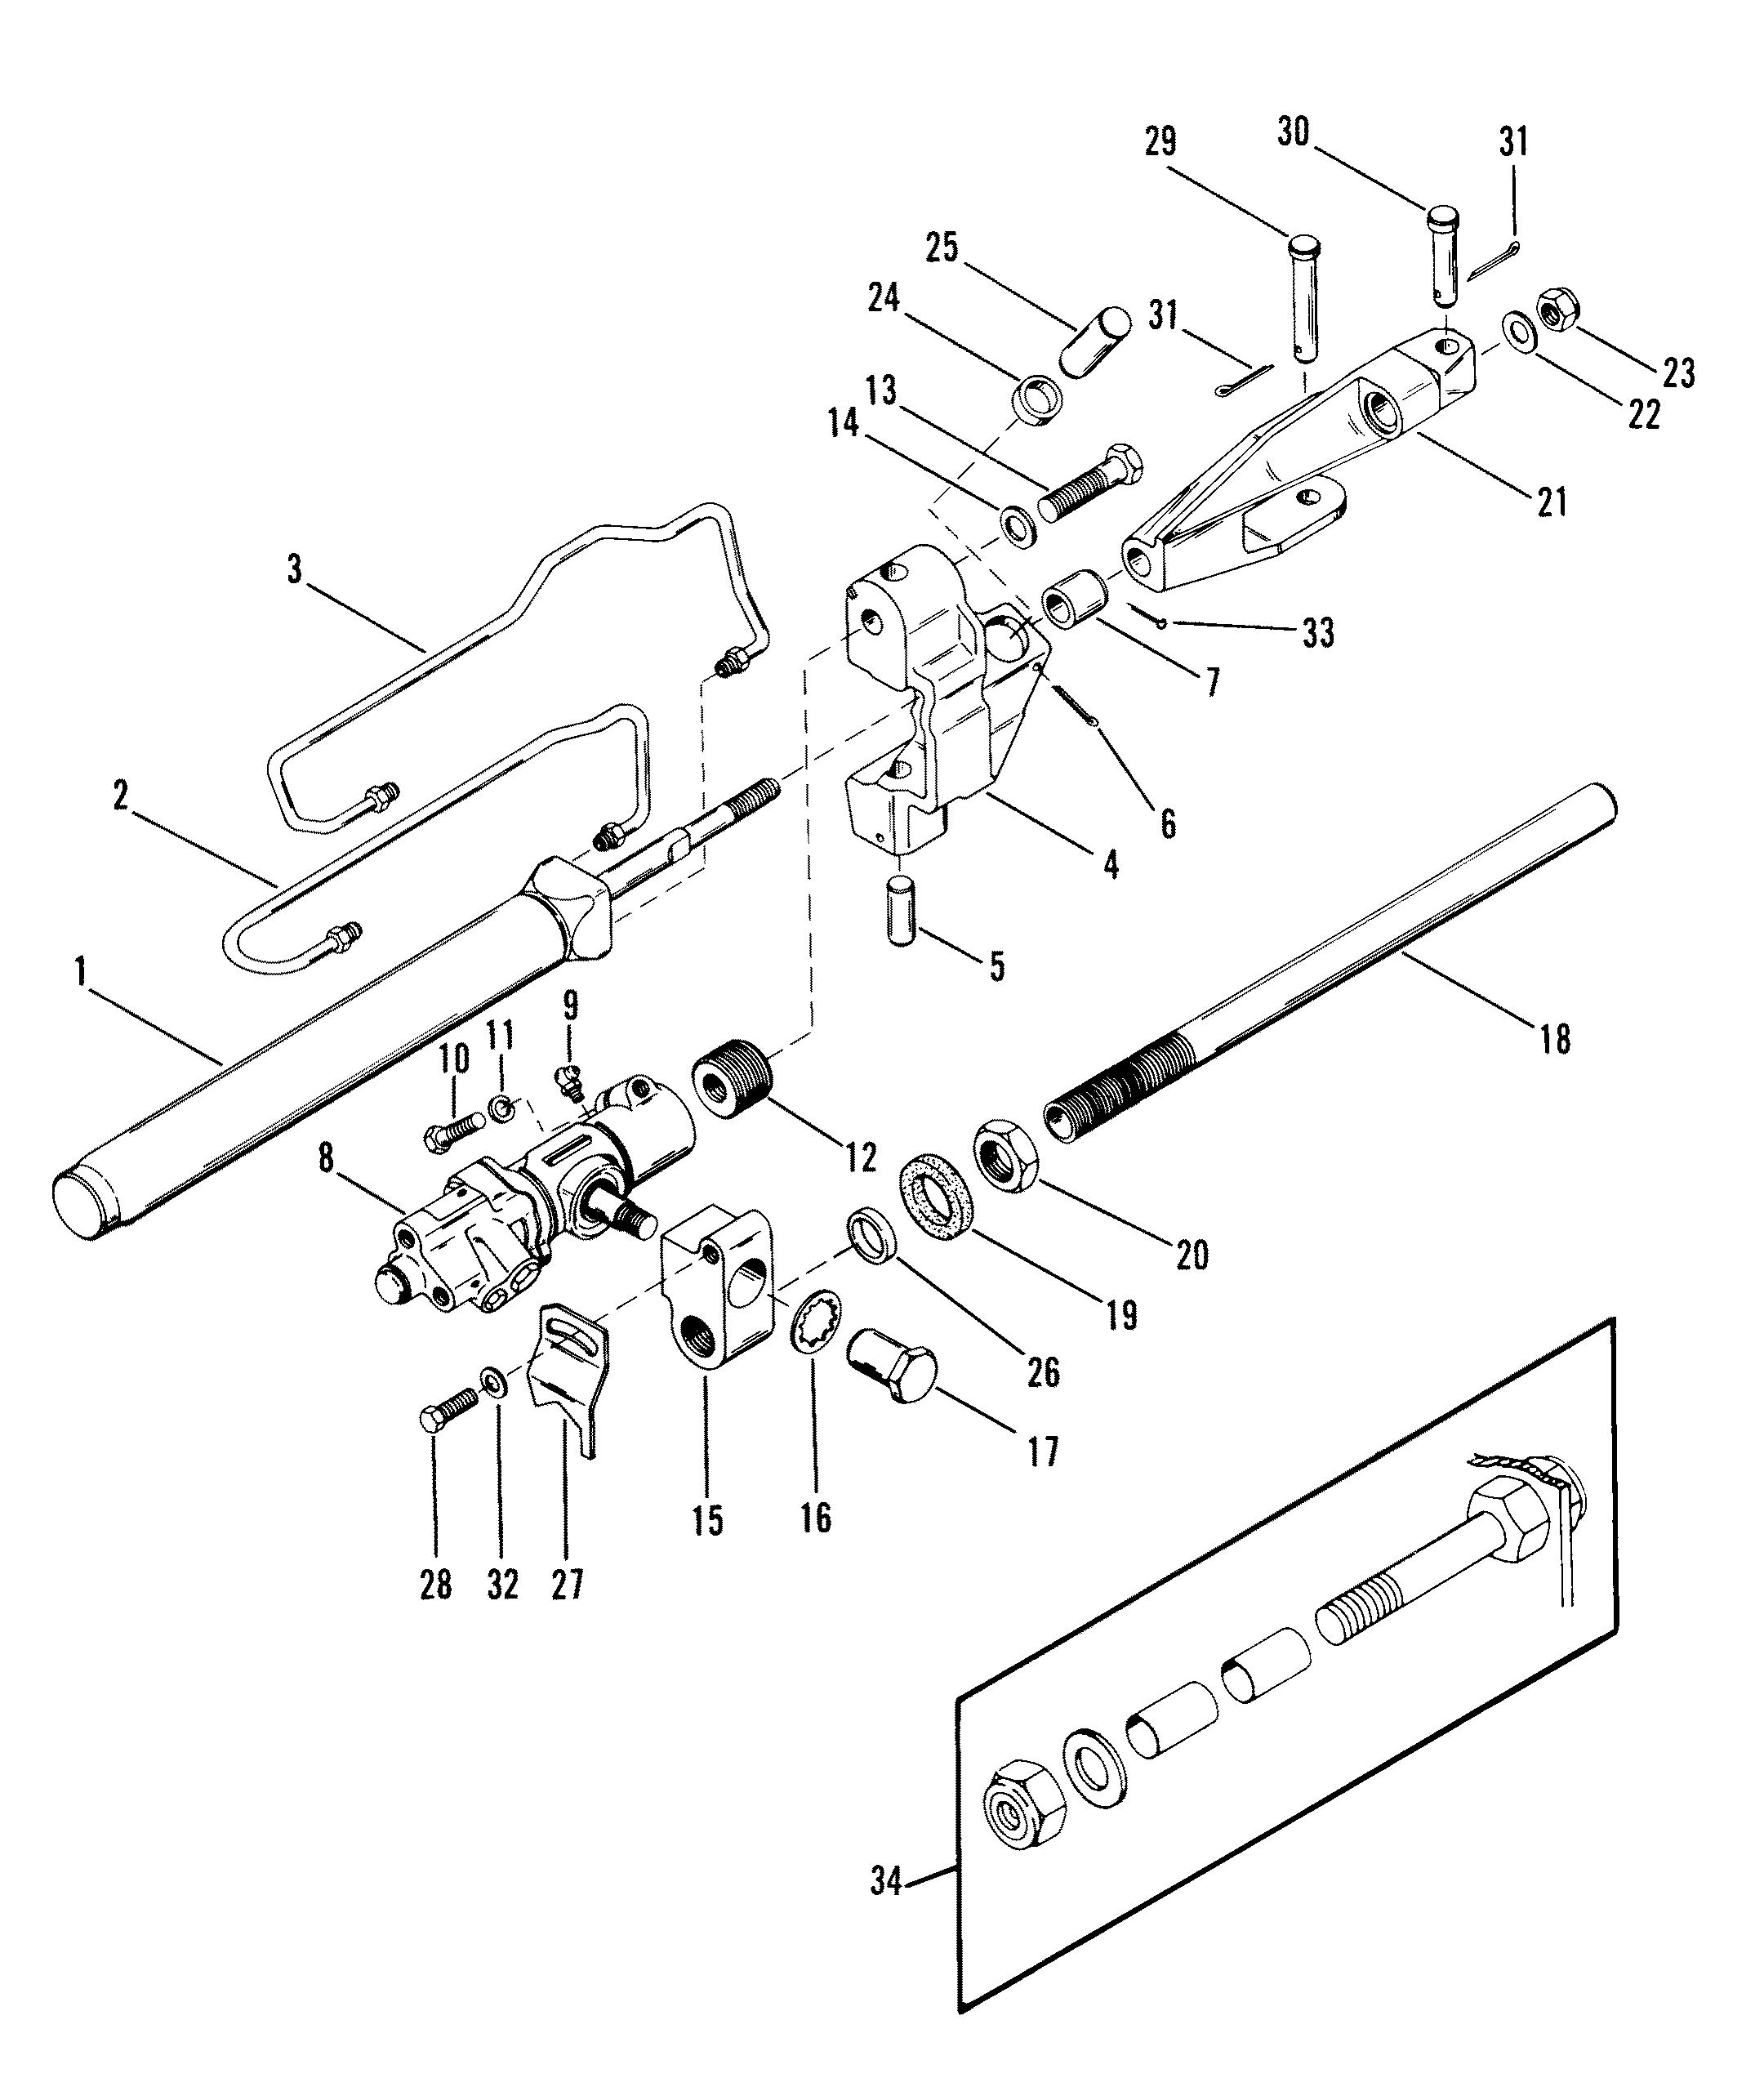 mercruiser remote oil filter installation kit  mercruiser